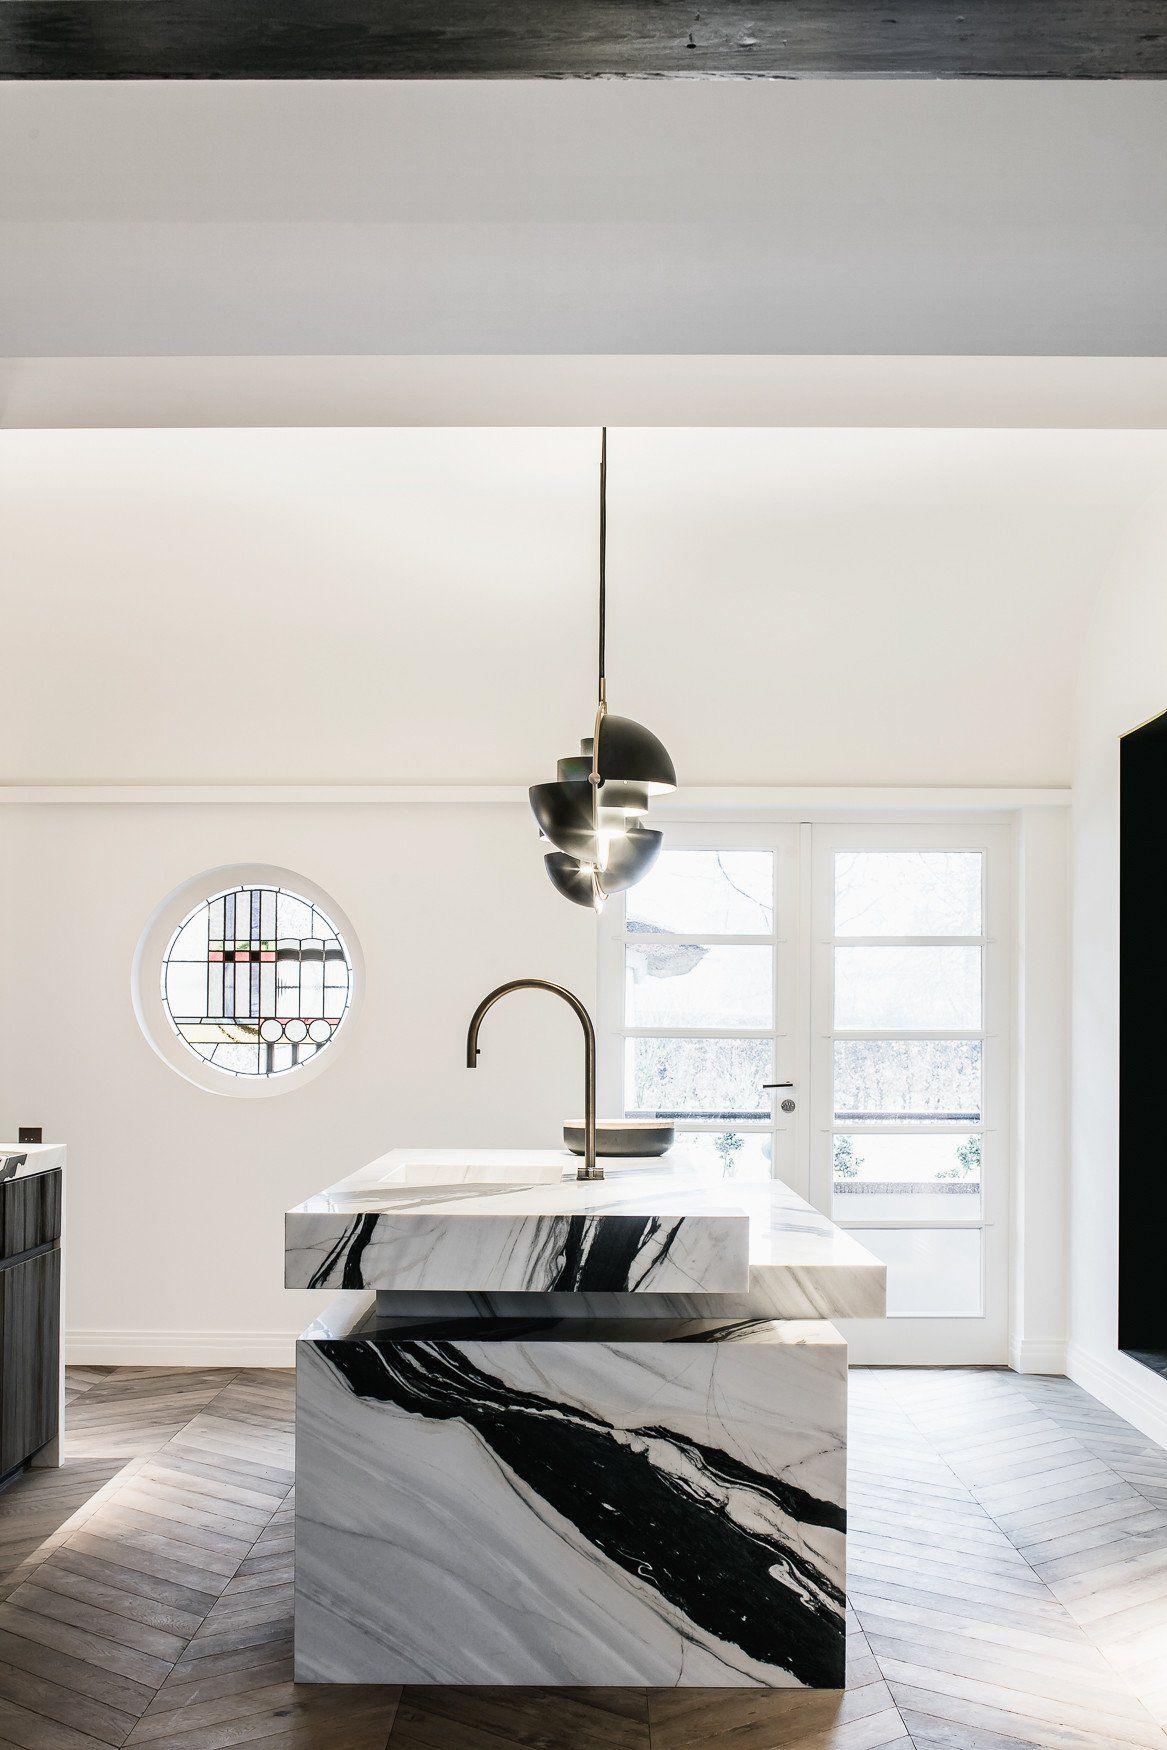 Villa de Nil in Gent, Belgium by Joseph Dirand Rietveld projects and ...